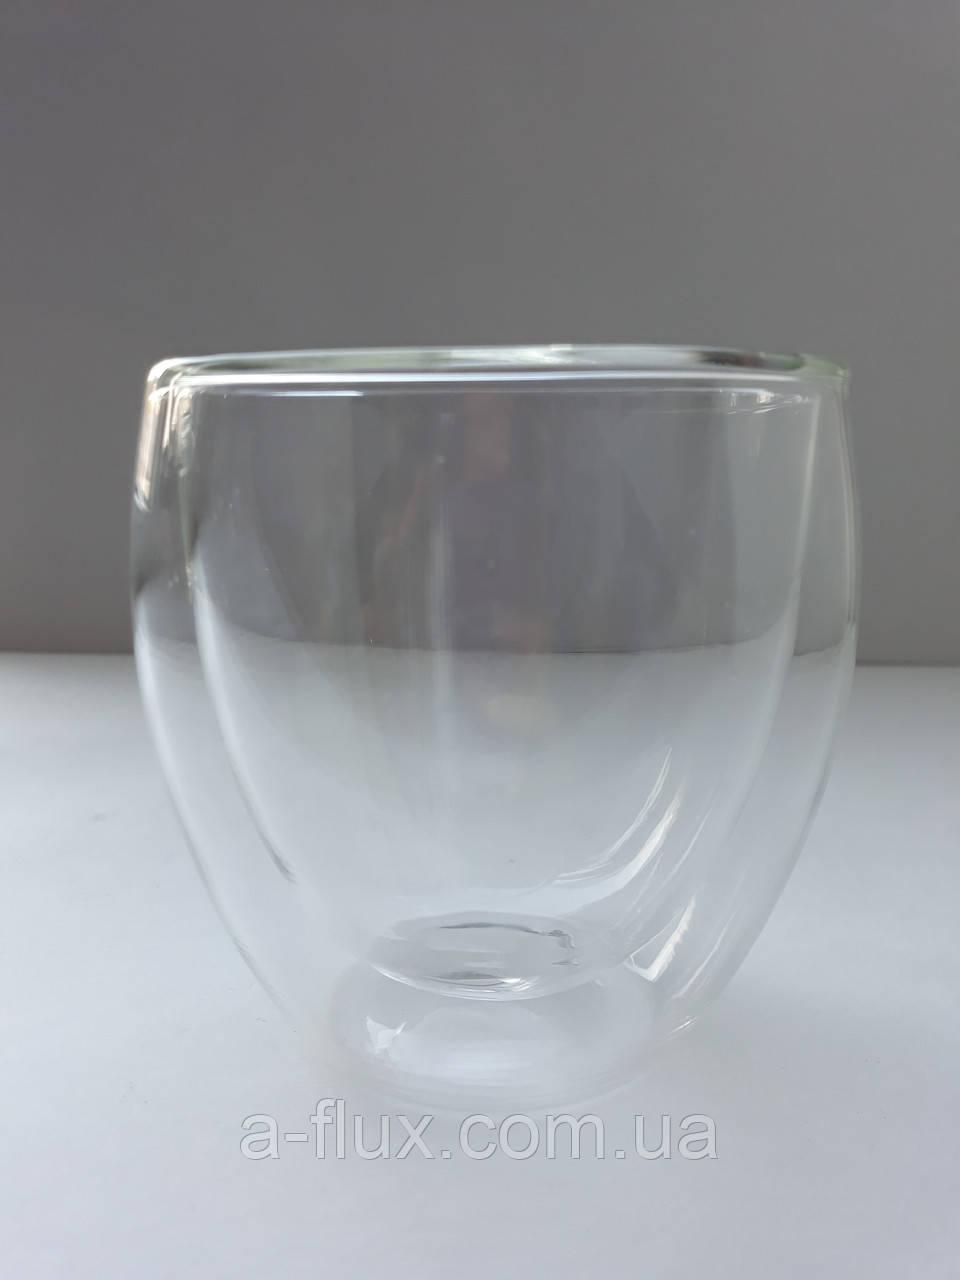 Стакан для кофе и чая с двойной стенкой без ручки стекло 250 мл Любимый Чай 16034-11